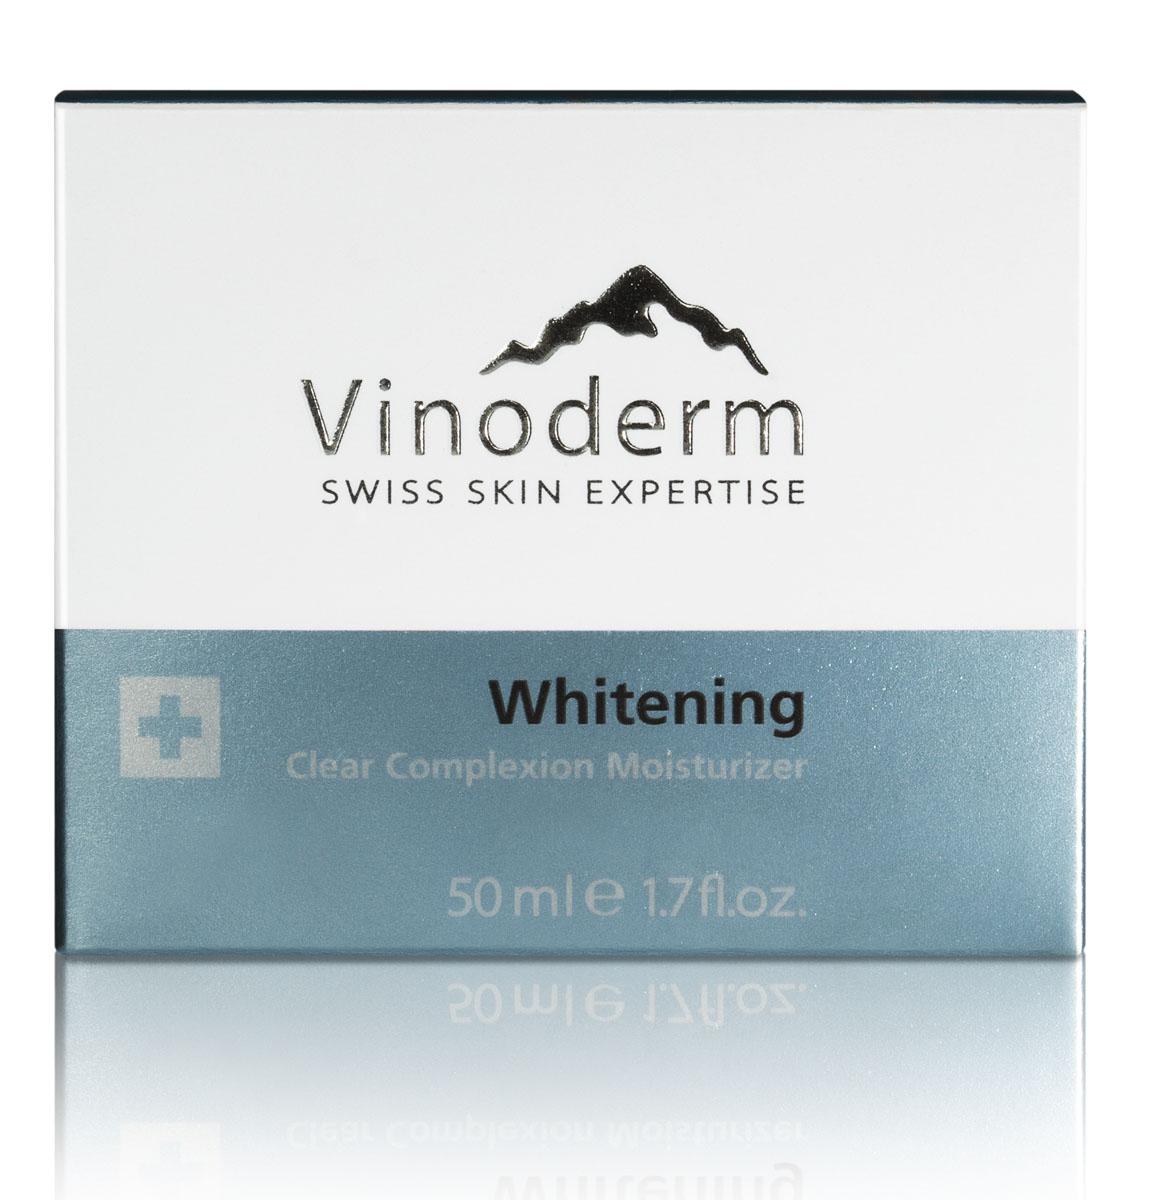 Vinoderm Комплекс осветляющий Whitening для улучшения цвета лица 50млFS-00897Шелковистый крем превосходно выравнивает тон кожи и обеспечивает длительное увлажнение и защиту от свободных радикалов. Благодаря экстракту виноградной косточки, новому осветляющему комплексу и гиалуроновой кислоте, крем эффективно осветляет кожу и борется с пигментными пятнами различного происхождения. Специальный увлажняющий комплекс наполняет кожу влагой. Ваша кожа становится безупречной и приобретает идеально ровный тон.